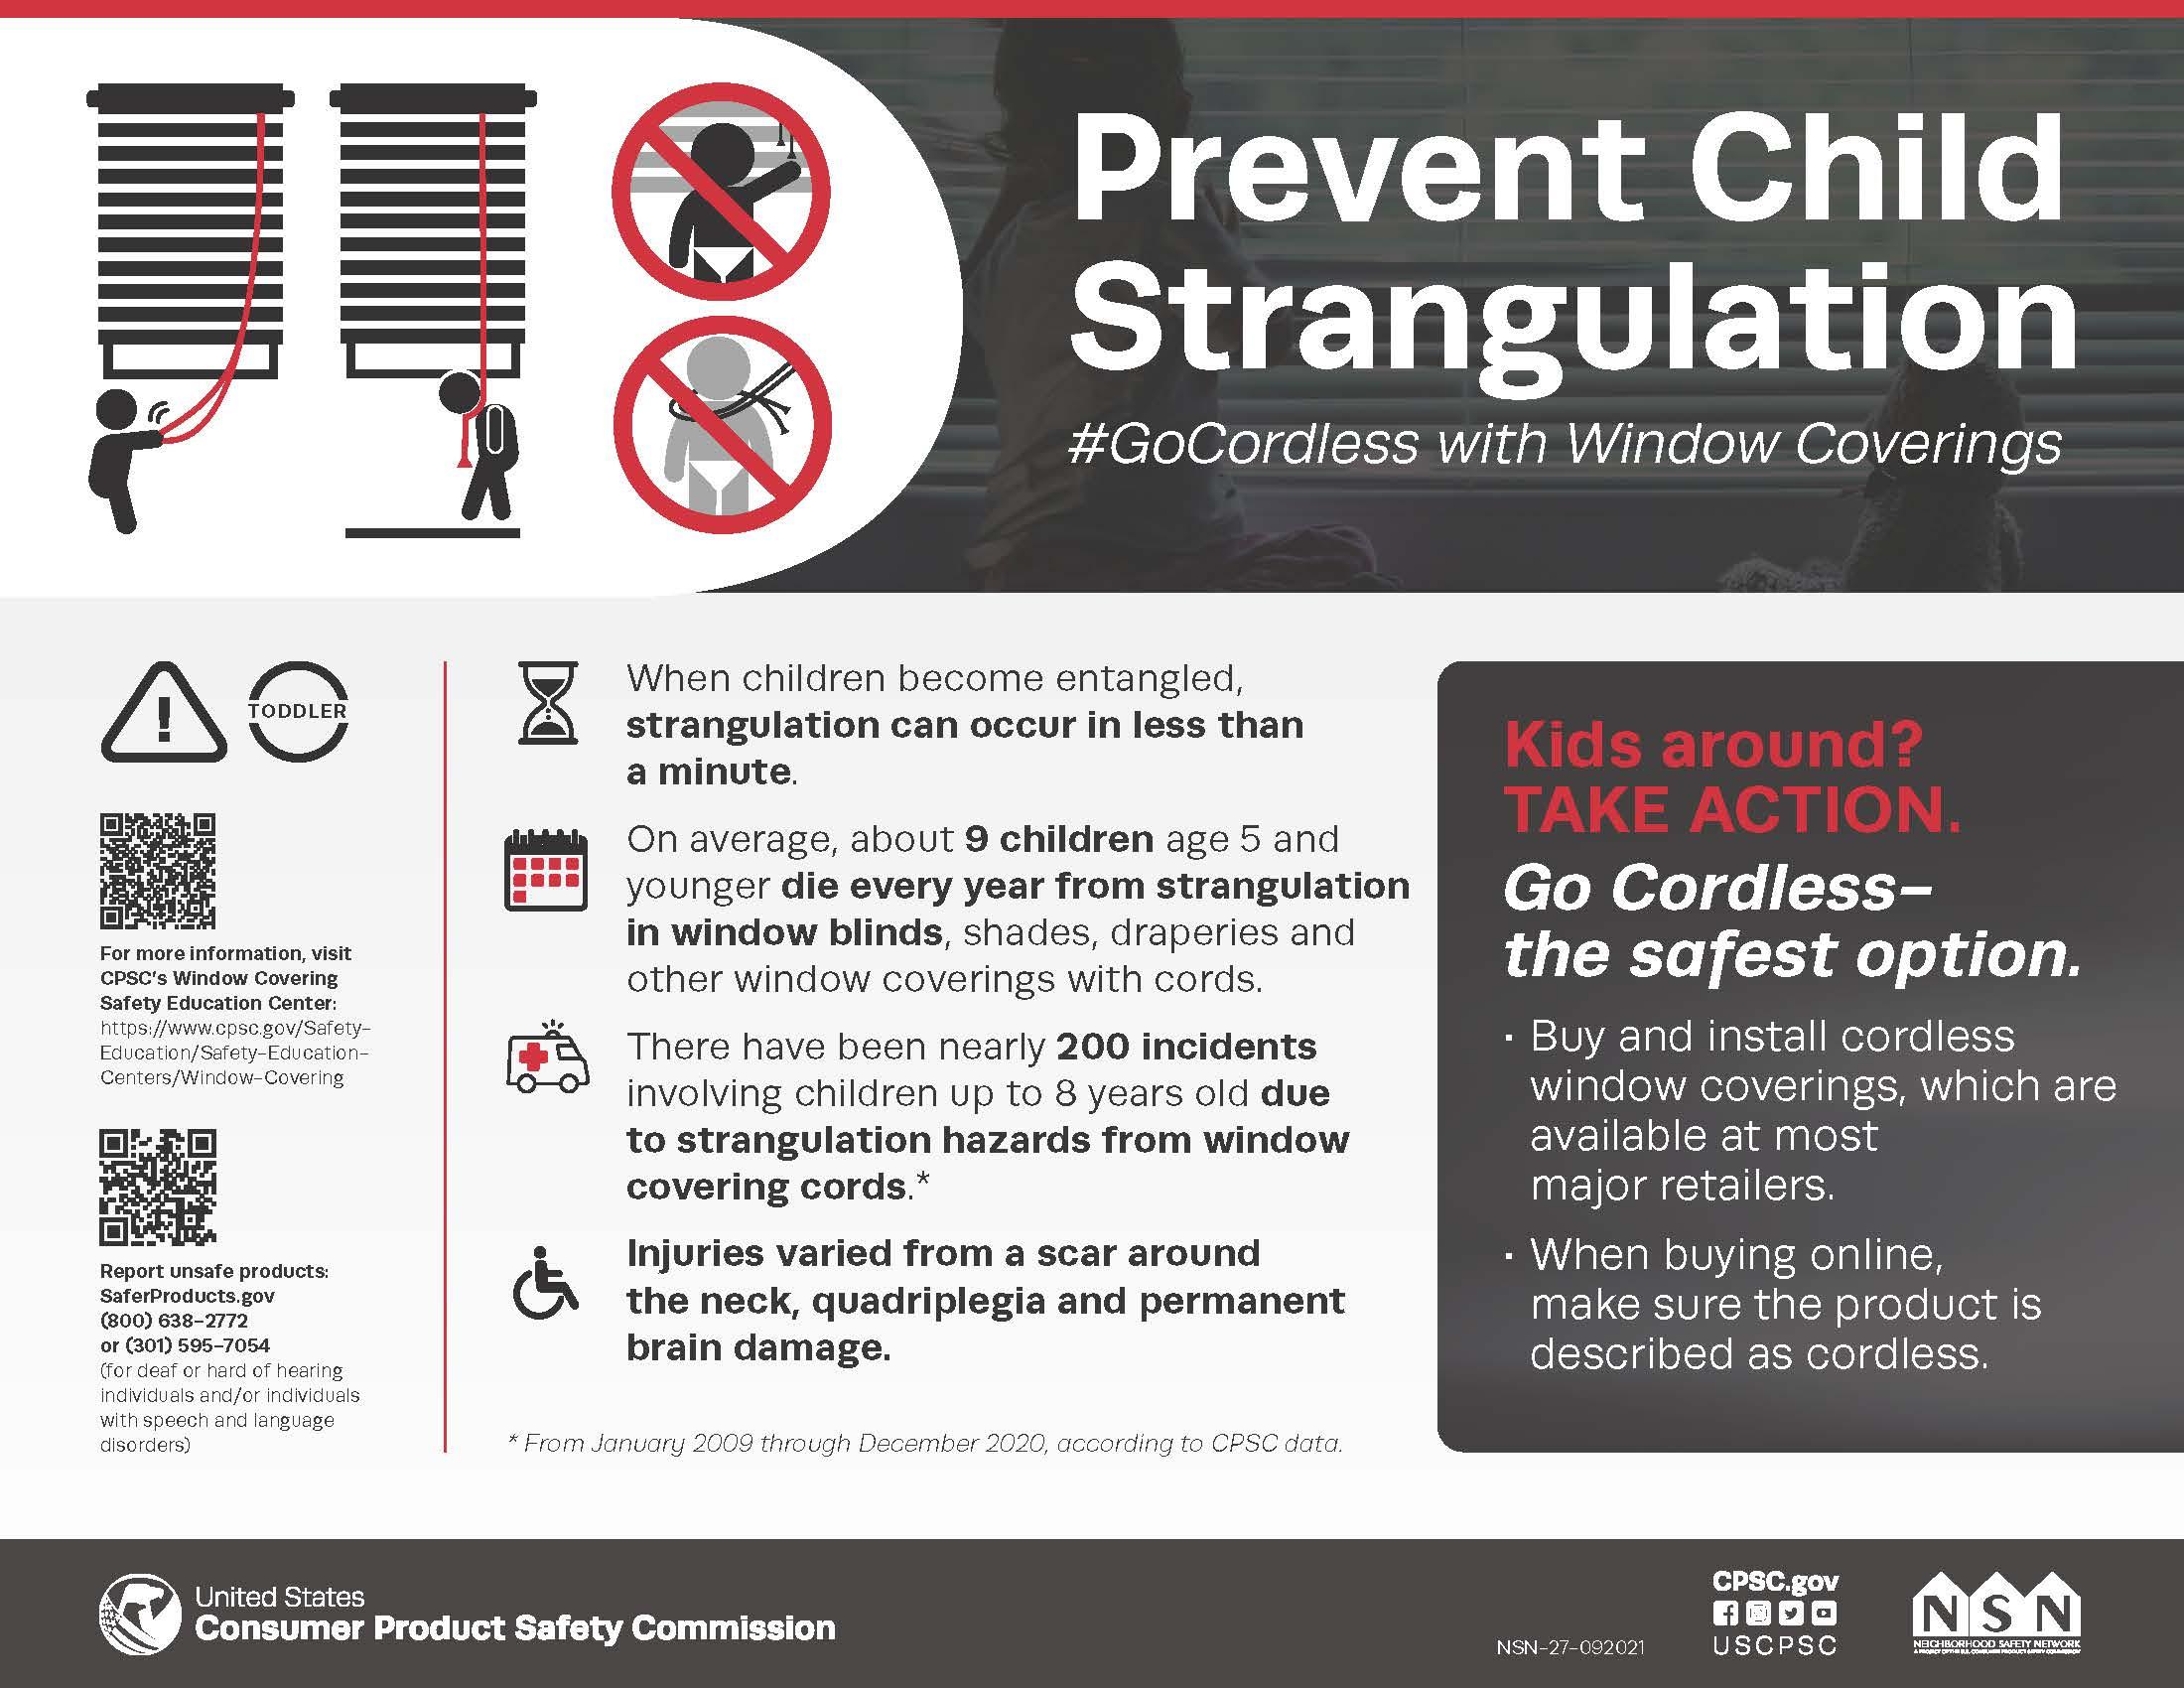 Prevent Child Strangulation